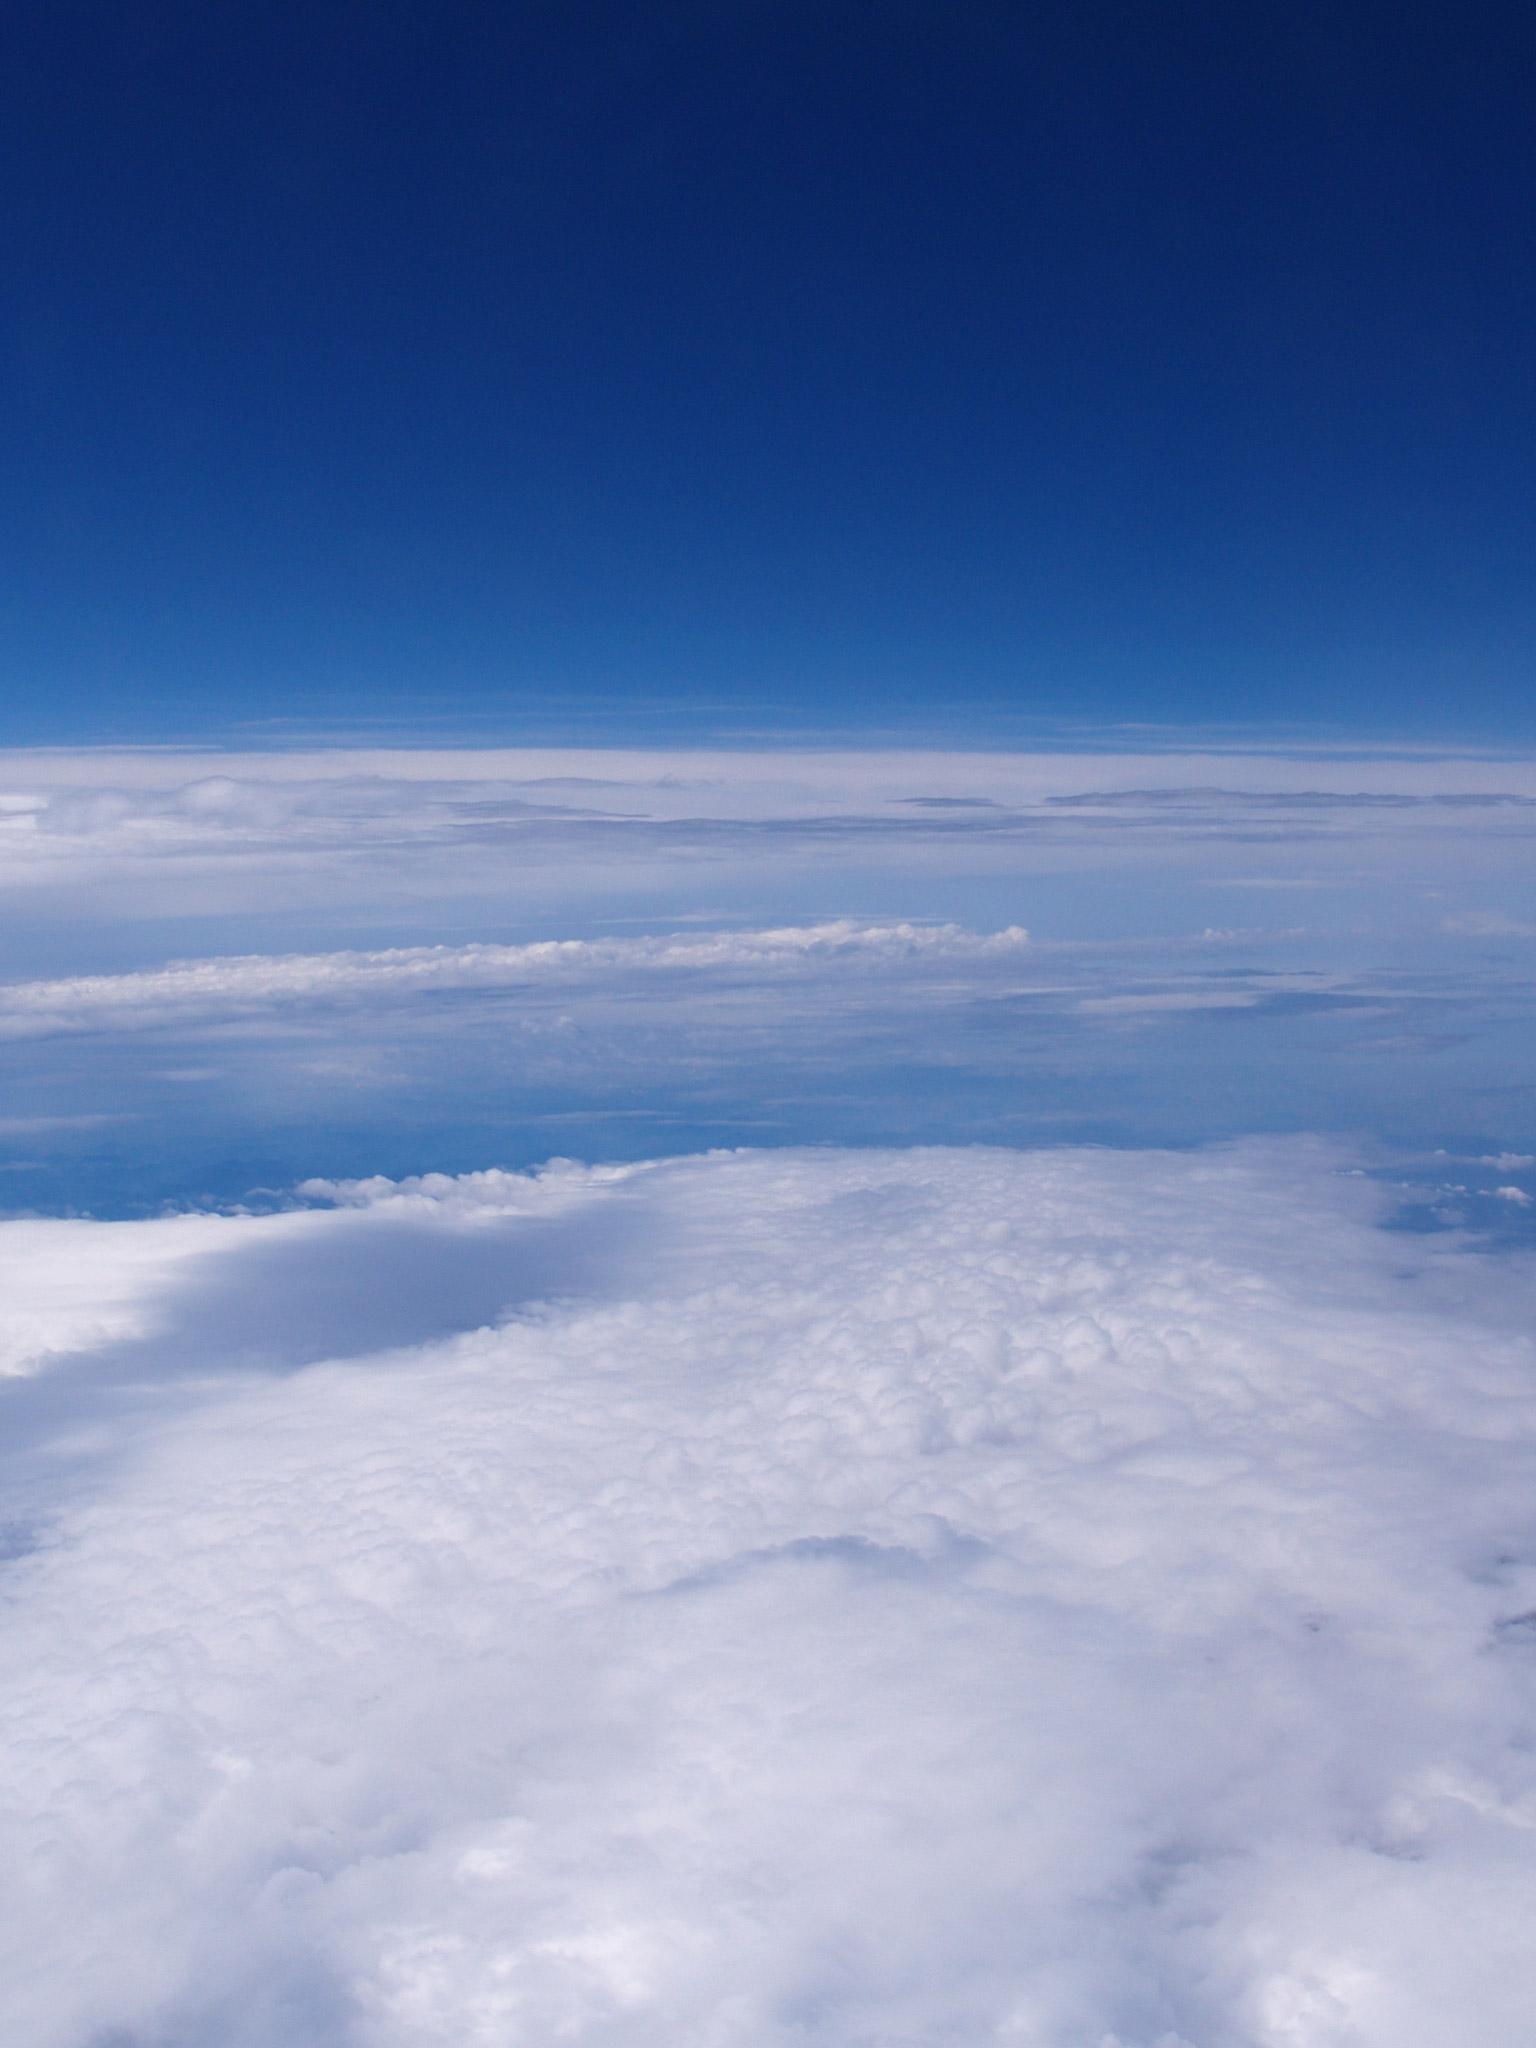 空の写真 高解像度 高画質の無料壁紙 高度一万メートル 上空の景色